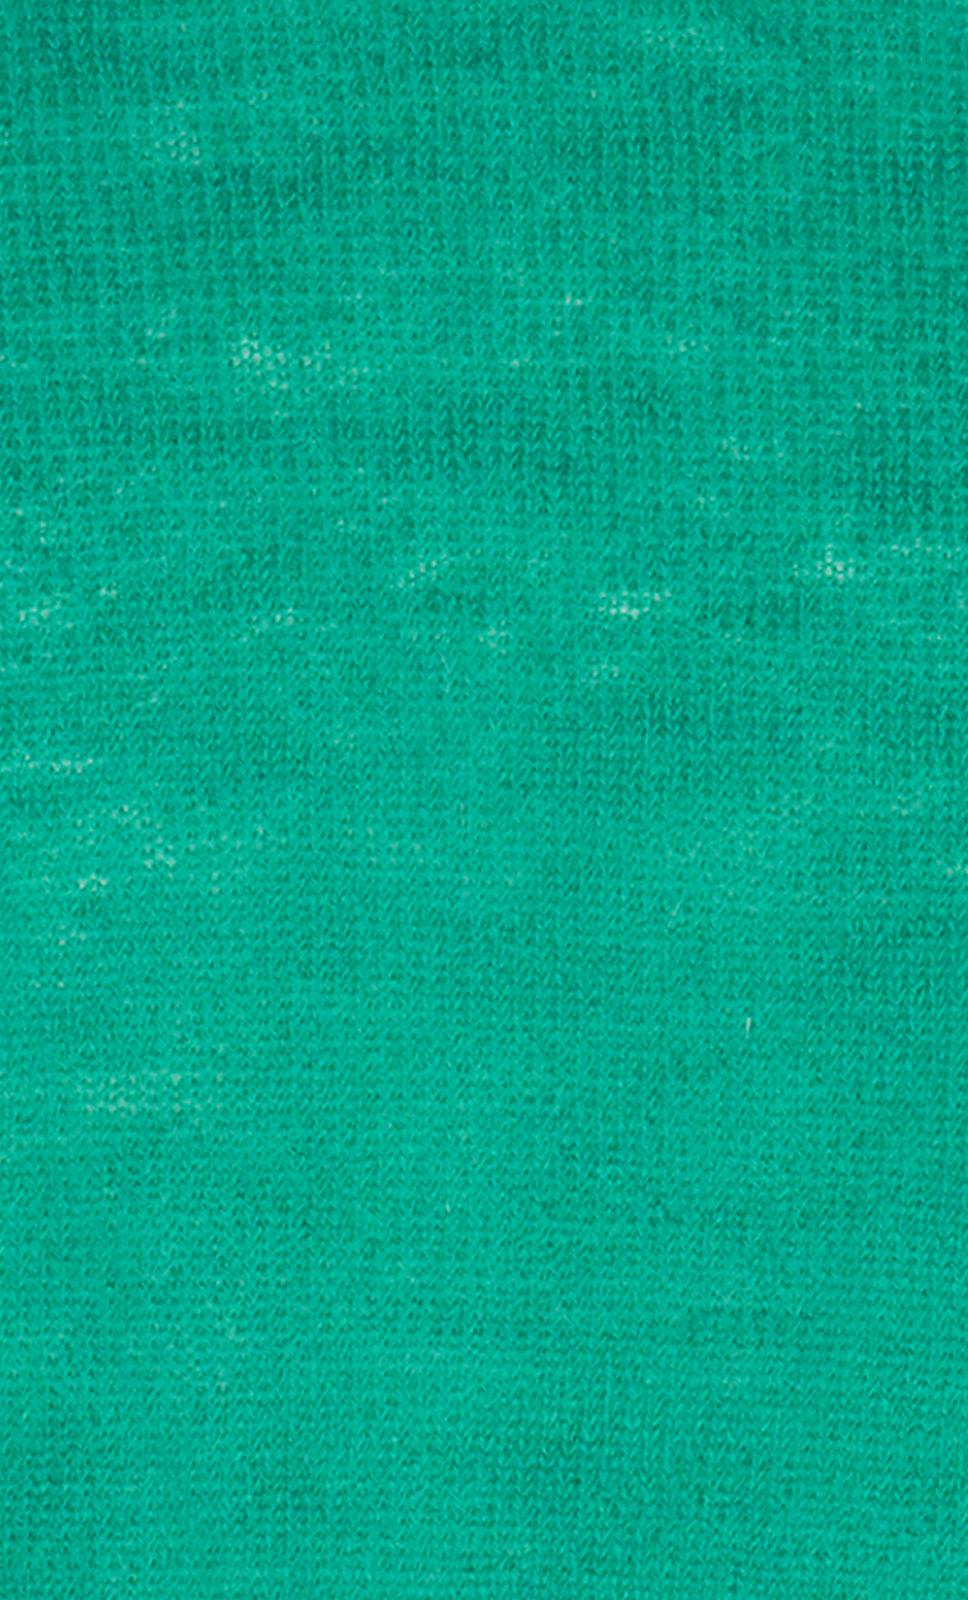 Fluffy-Everglade-Green